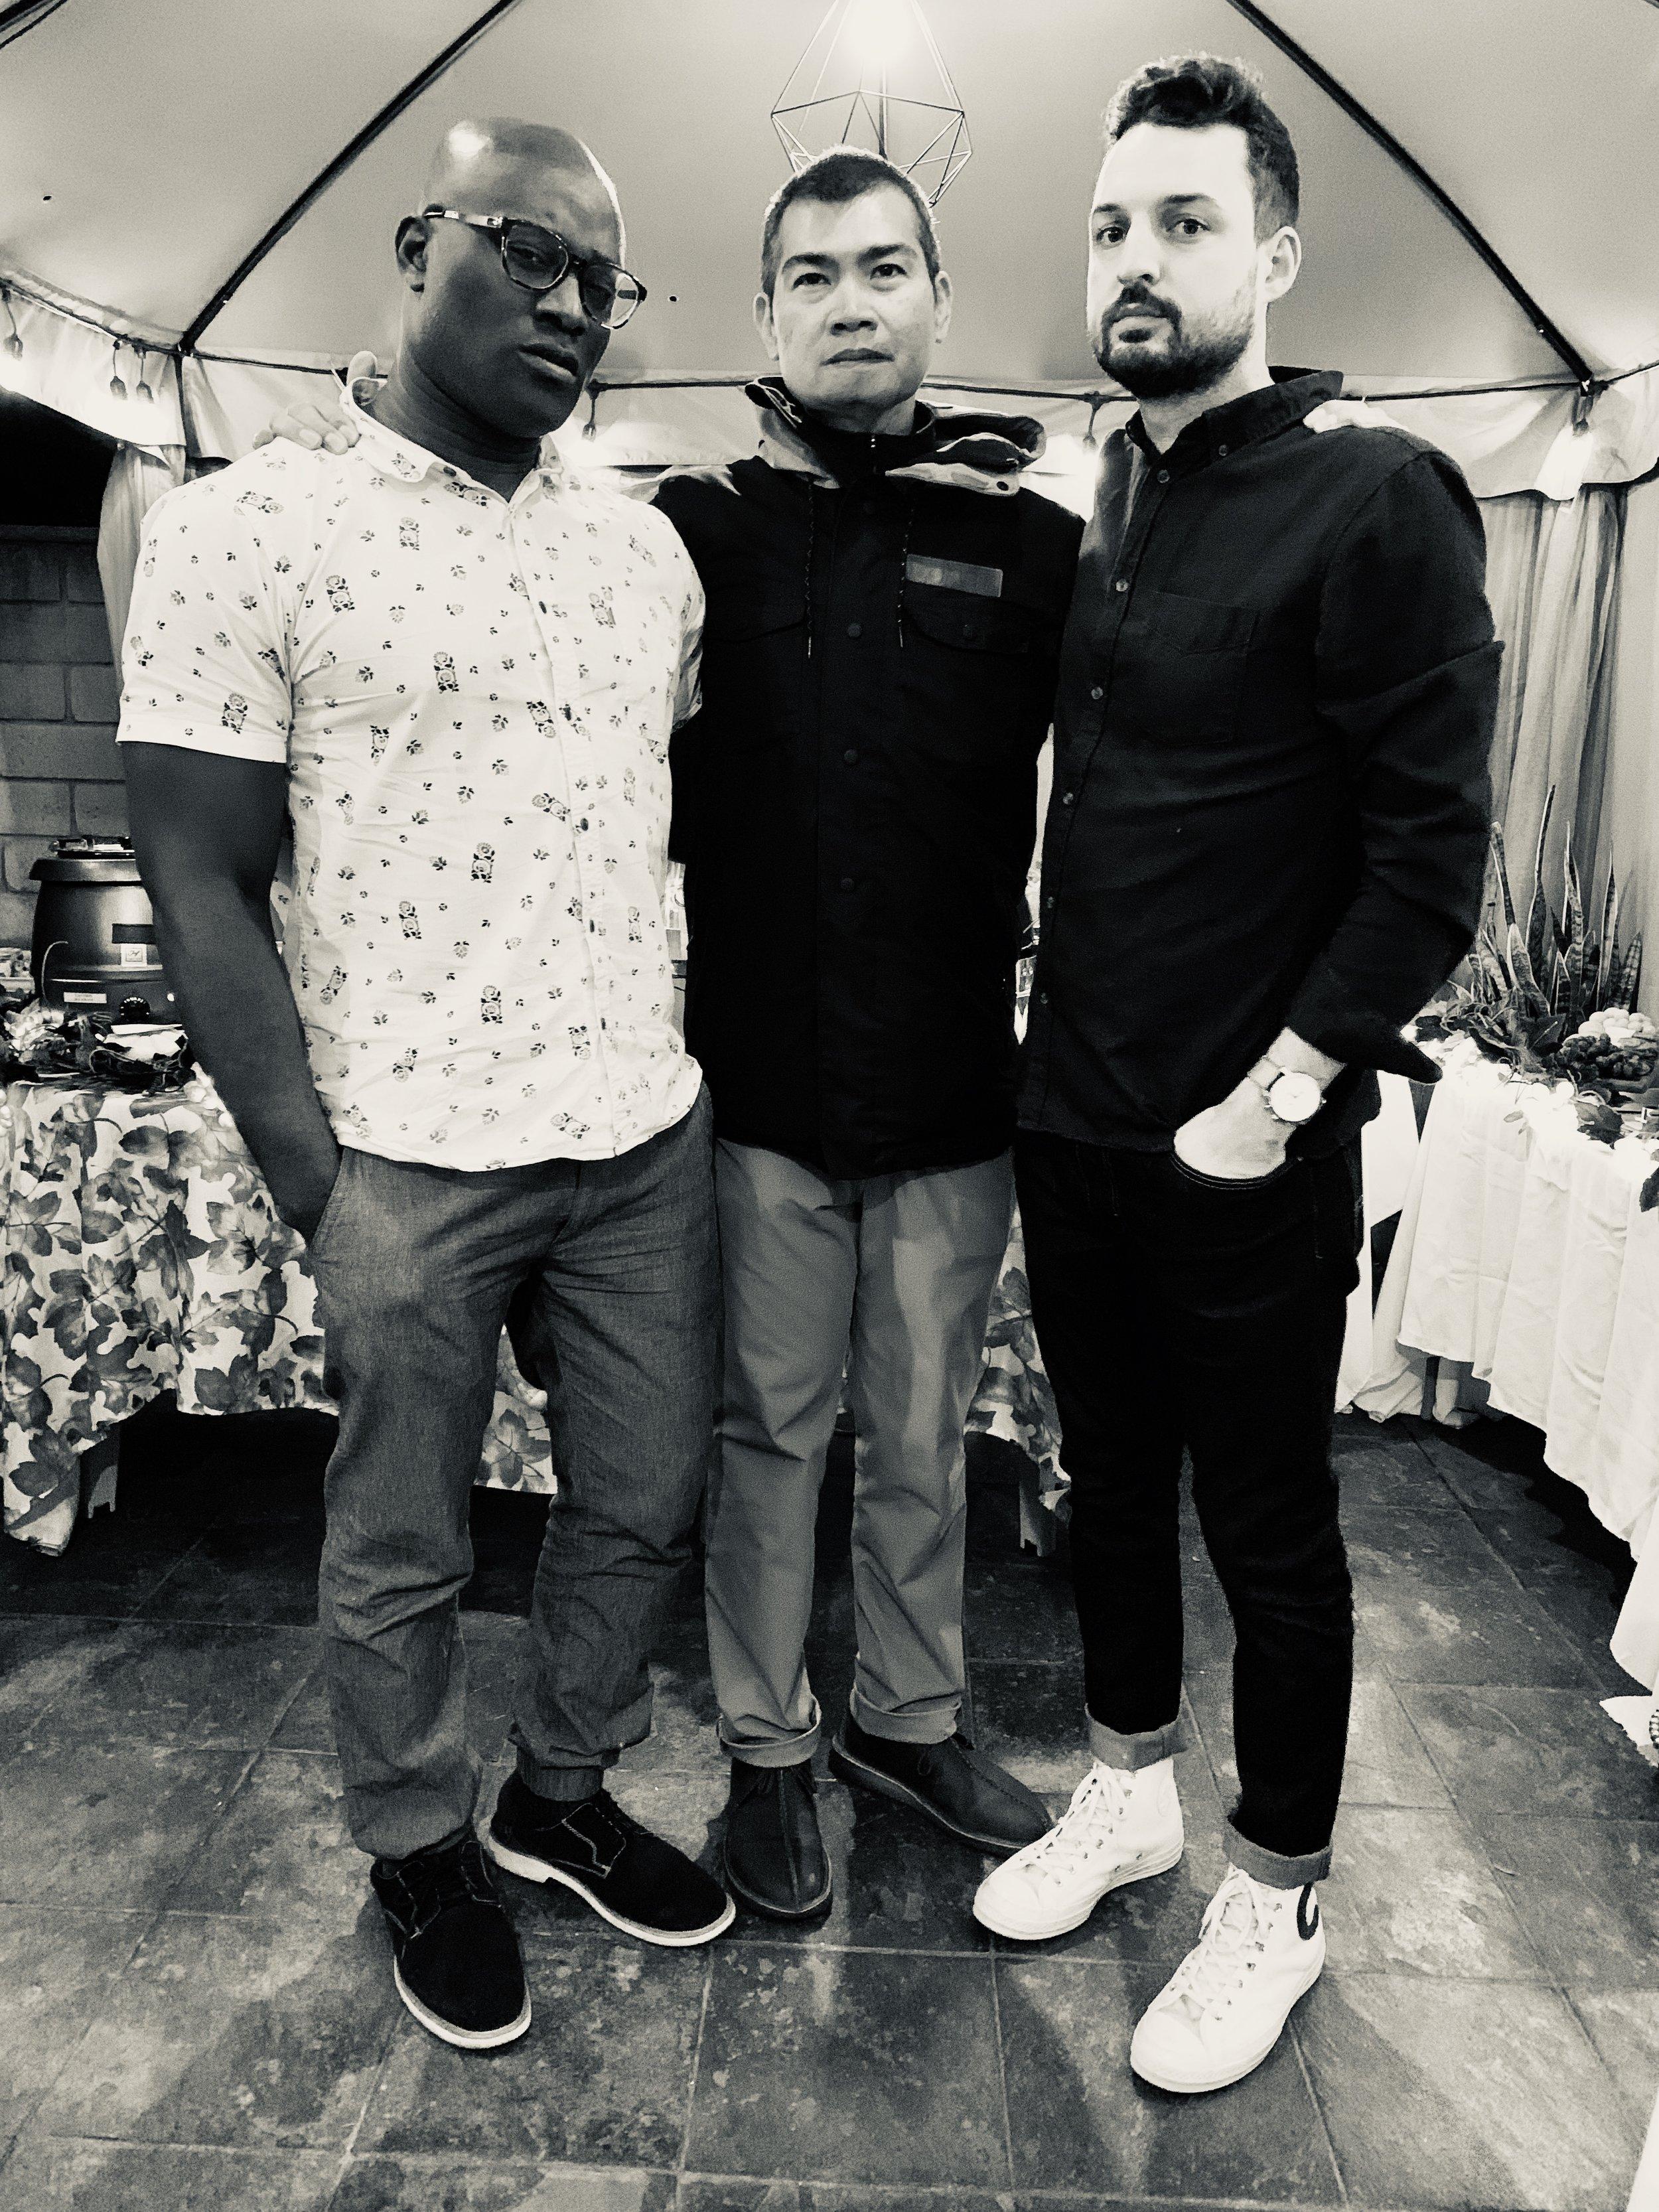 Emeka Ihedigbo + Marcus Tortorici  My undeserved gift of sons.